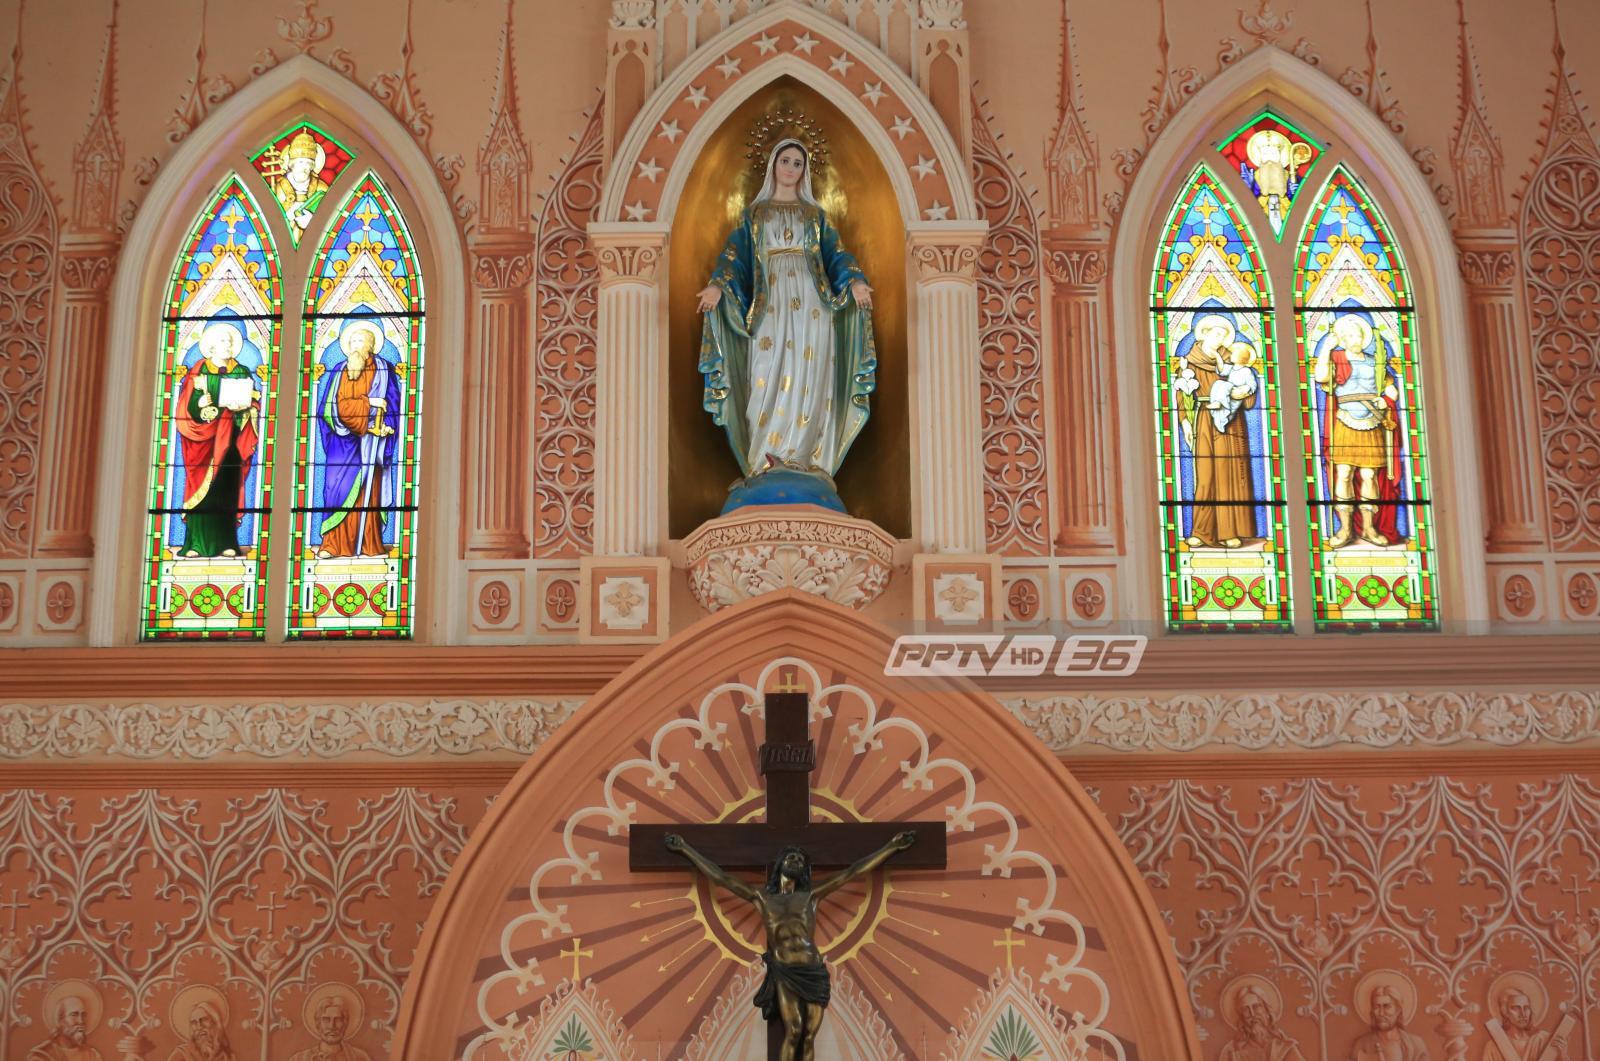 """ยลโฉมความงาม """"อาสนวิหารพระนางมารีอาปฏิสนธินิรมล"""" โบสถ์คริสต์ 100 กว่าปี"""